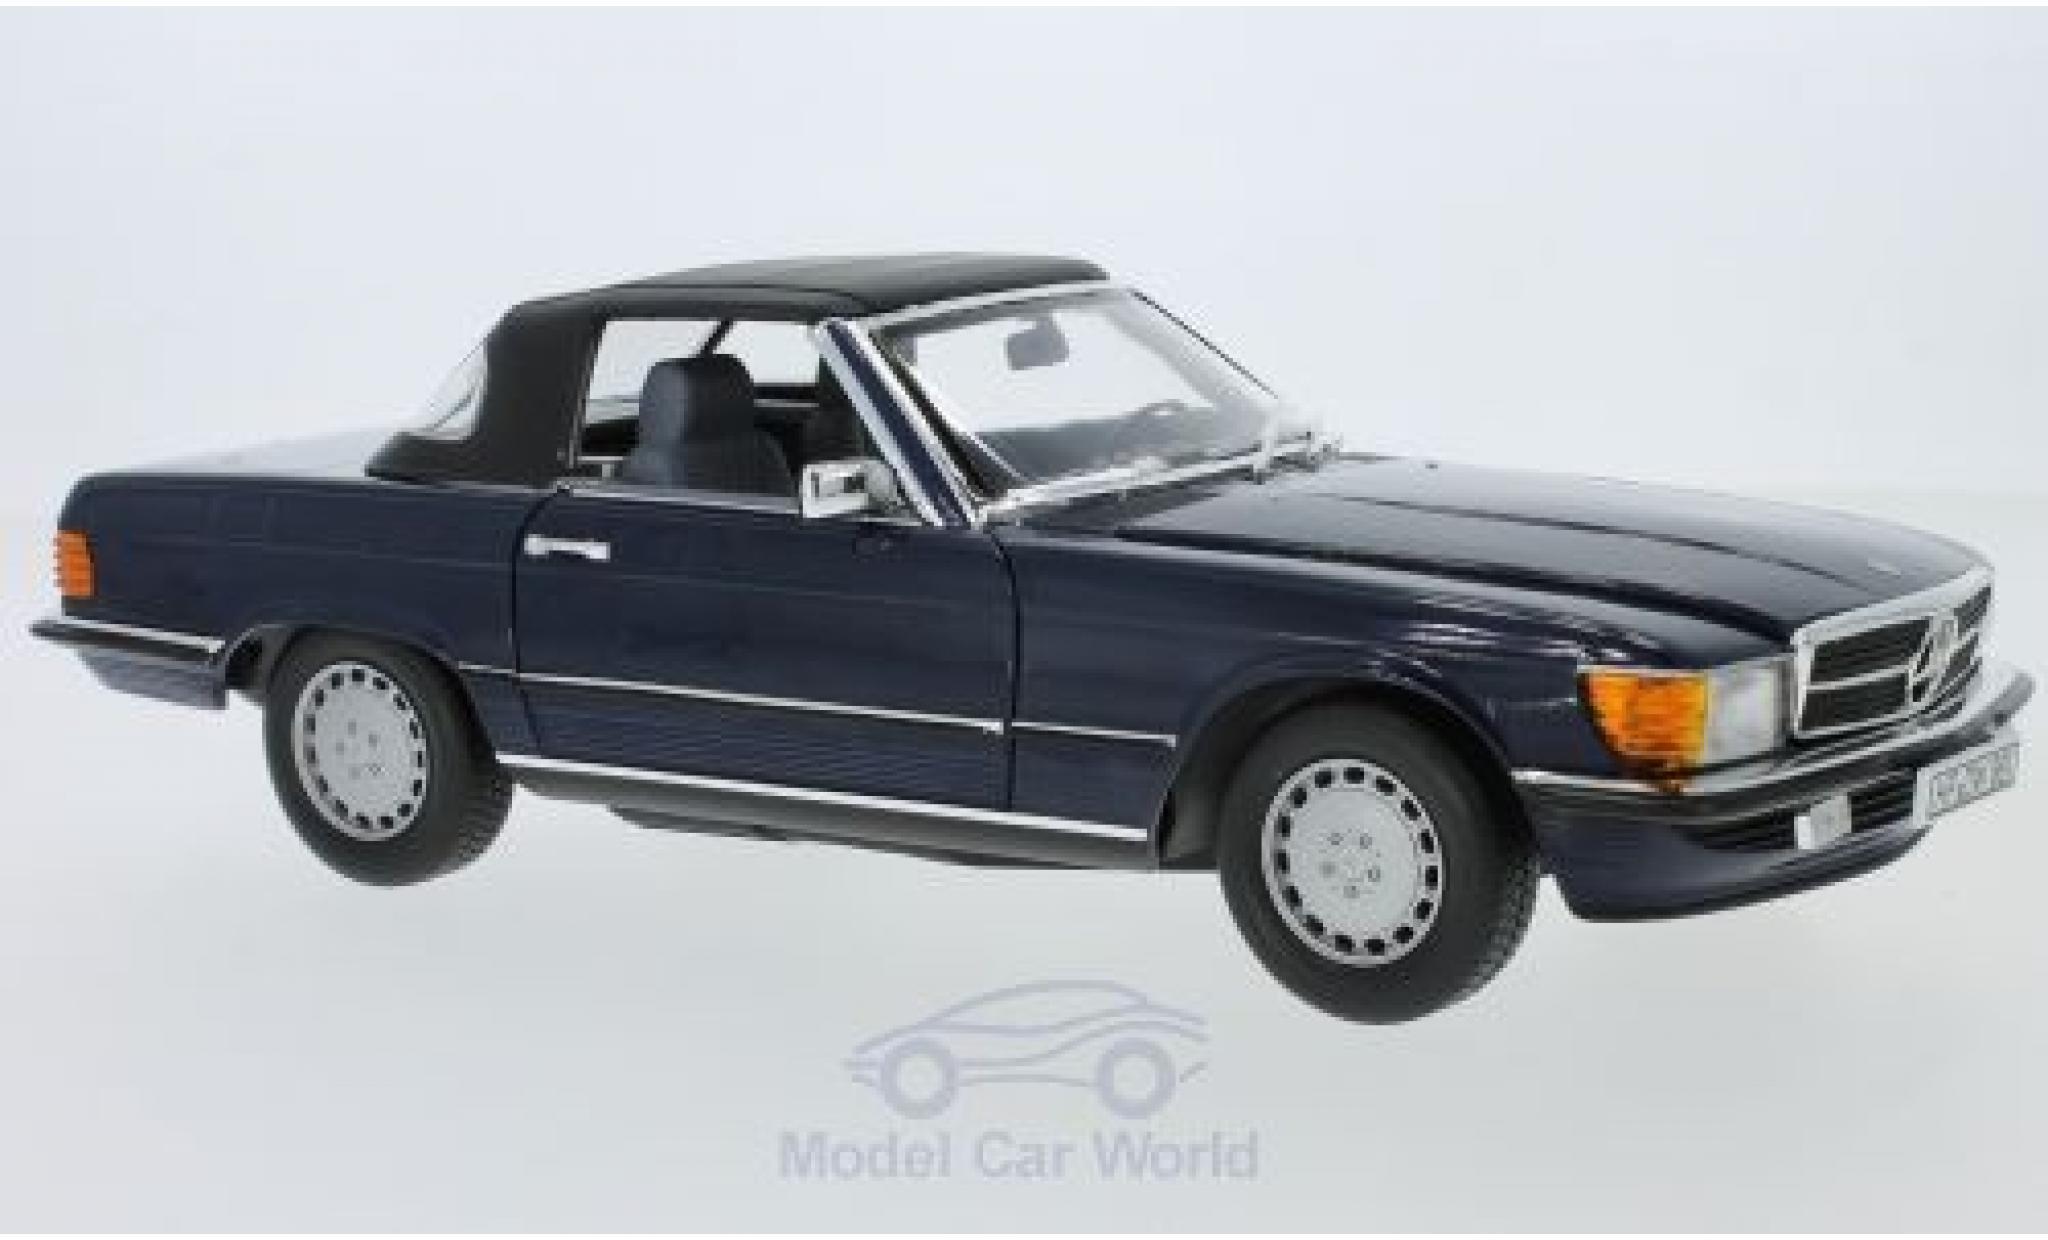 Mercedes 300 SL 1/18 Norev (R 107) metallise bleue 1986 Verdeck liegt ein